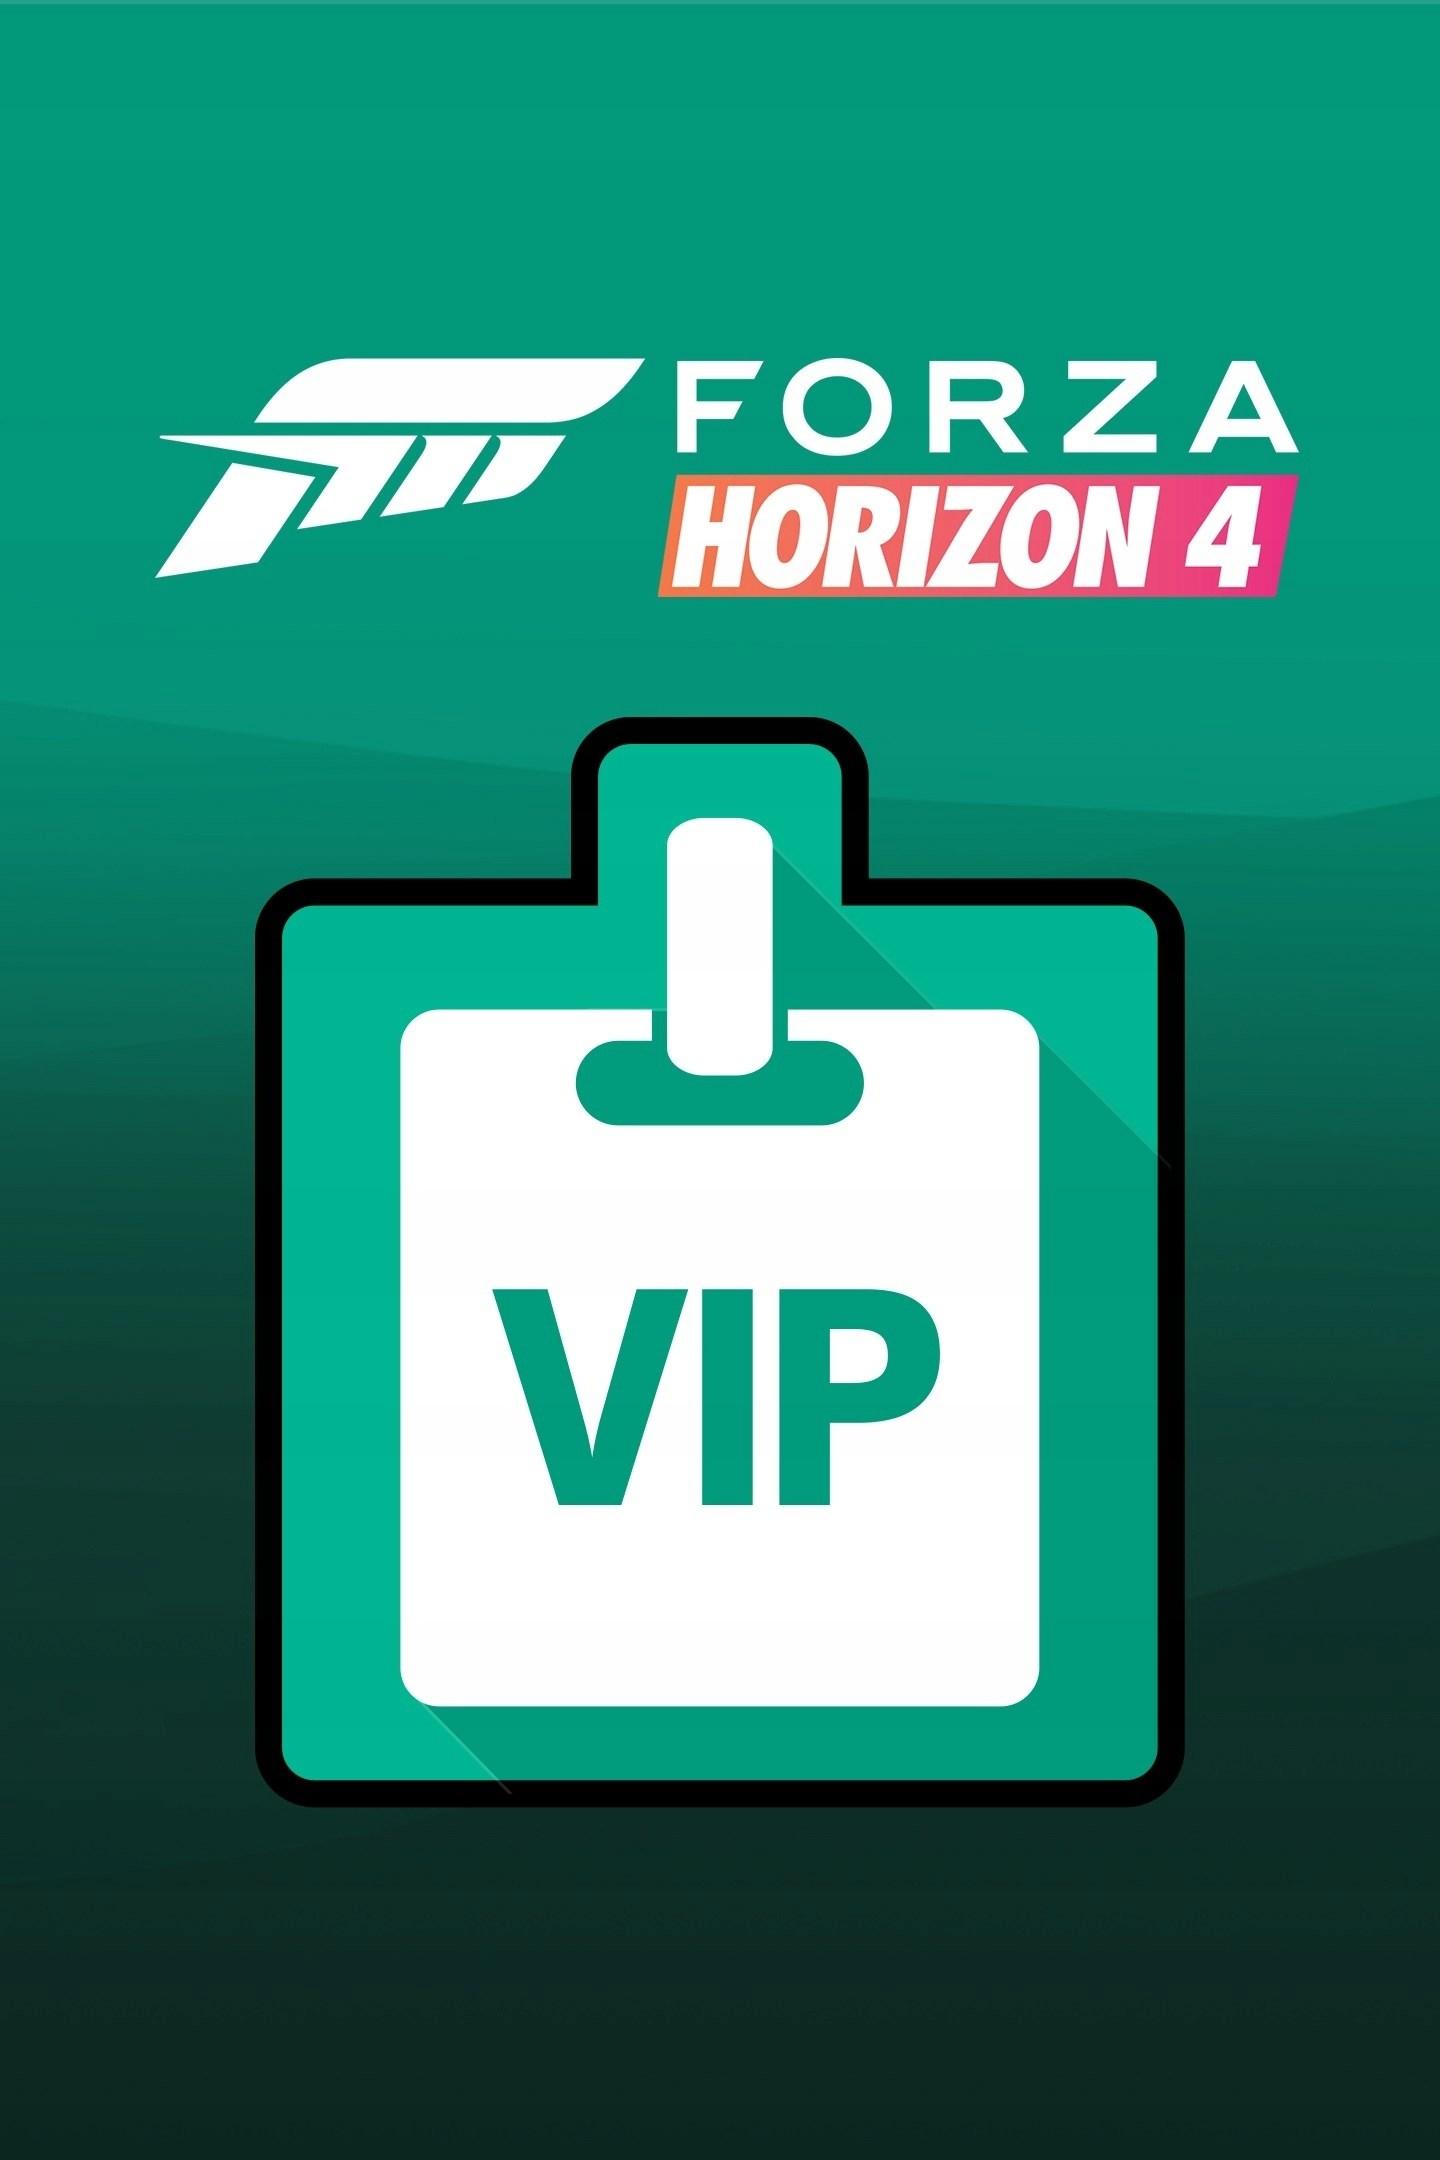 Forza Horizon 4 VIP (PC) MS Store